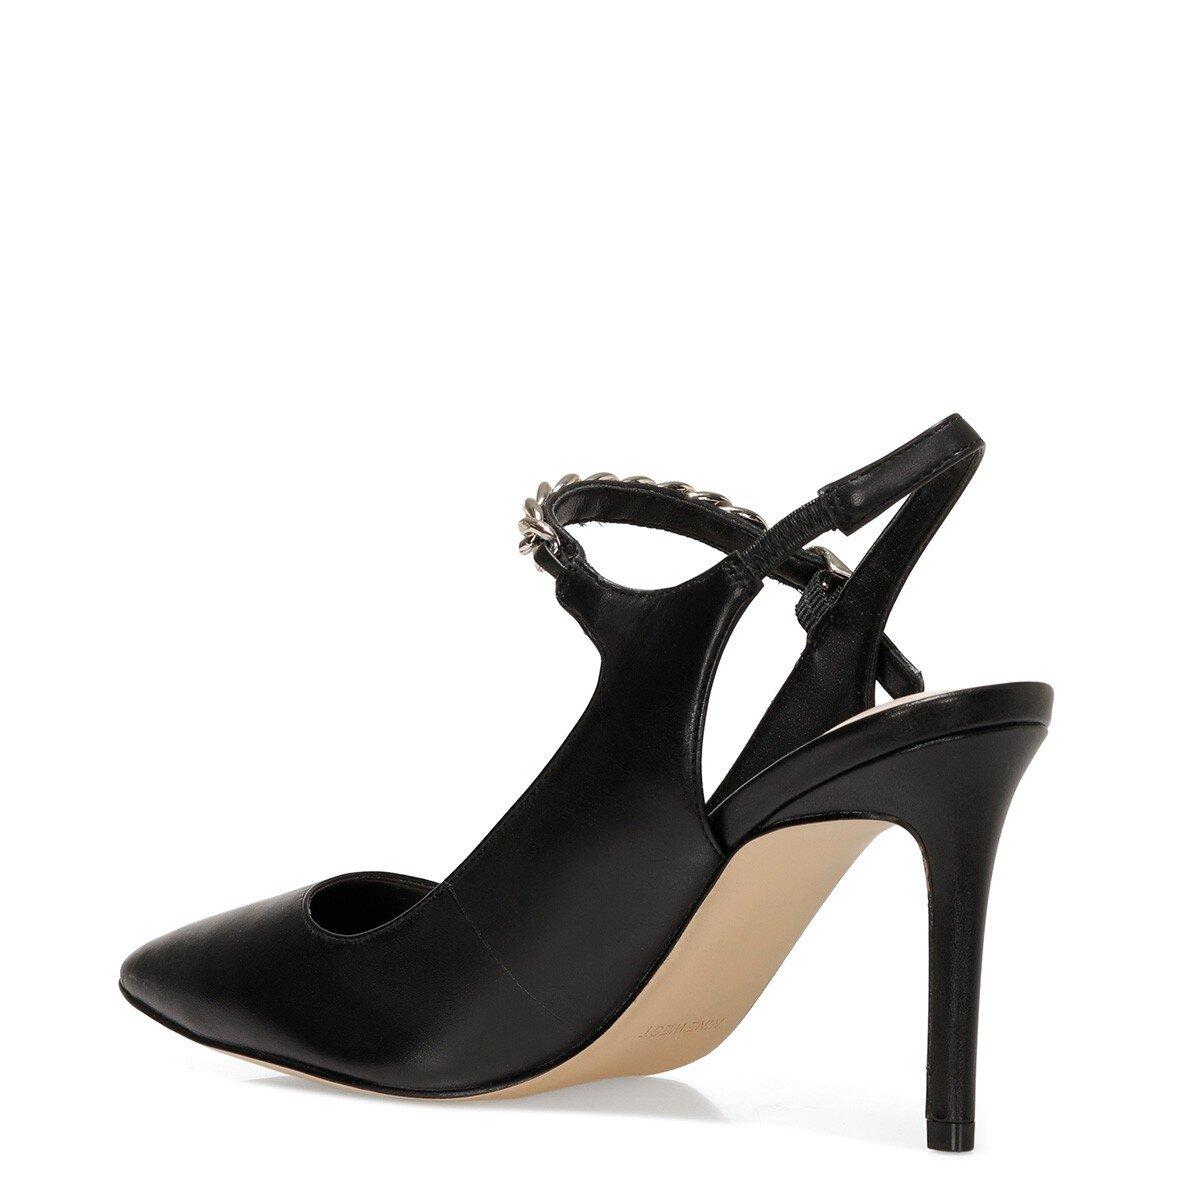 EVEA Siyah Kadın Stiletto